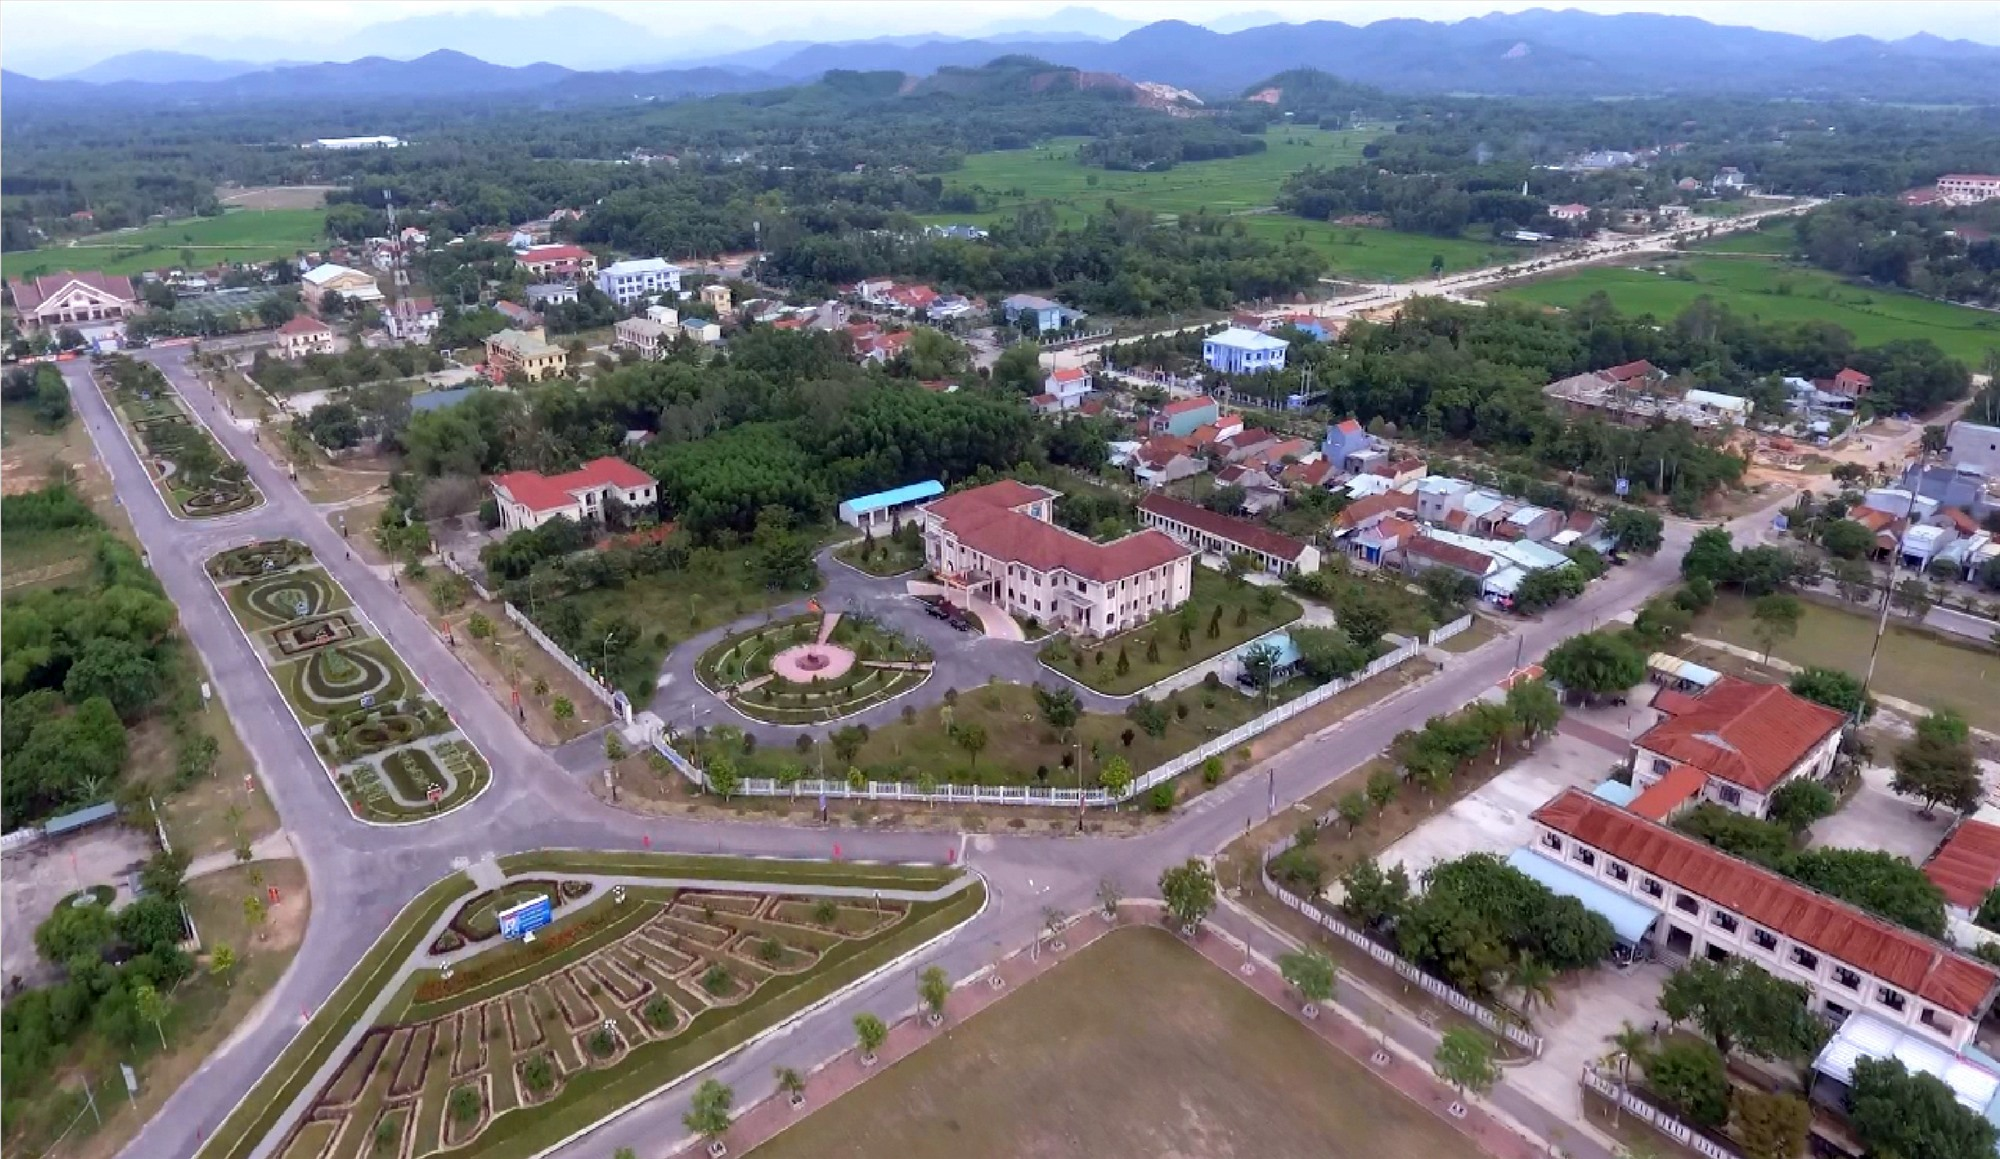 Chuyển đổi số là hướng đi tất yếu giúp Phú Ninh phát triển toàn diện kinh tế - xã hội. Ảnh: Đ.V